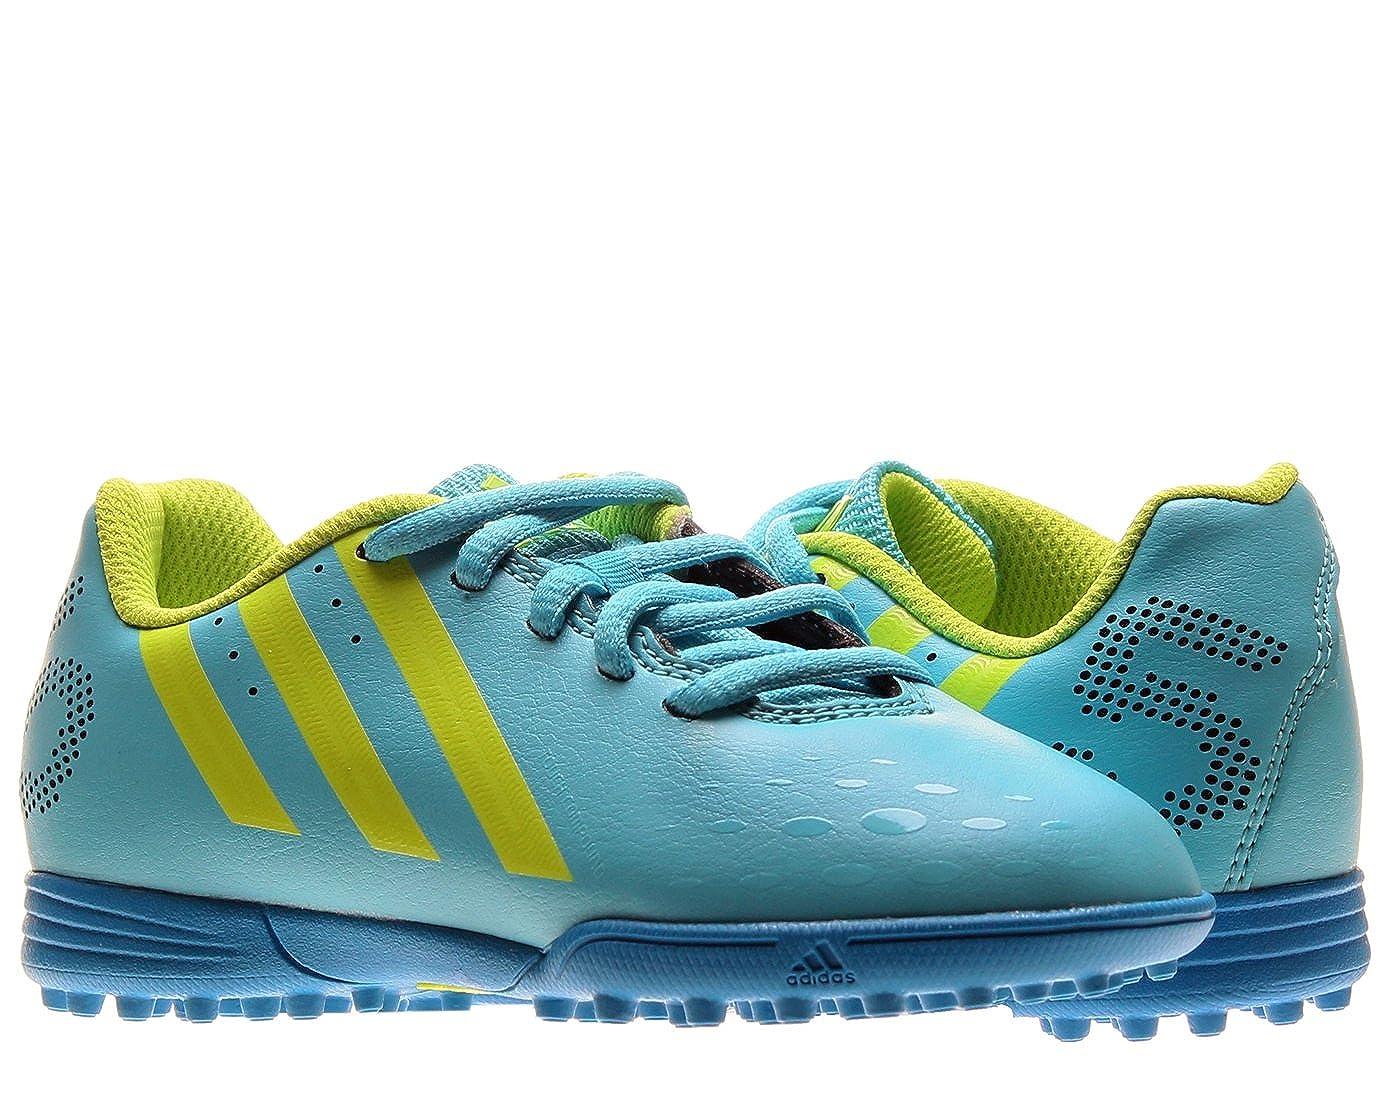 adidas Freefootball X-ite Jr Soccer Shoes adidas Kids